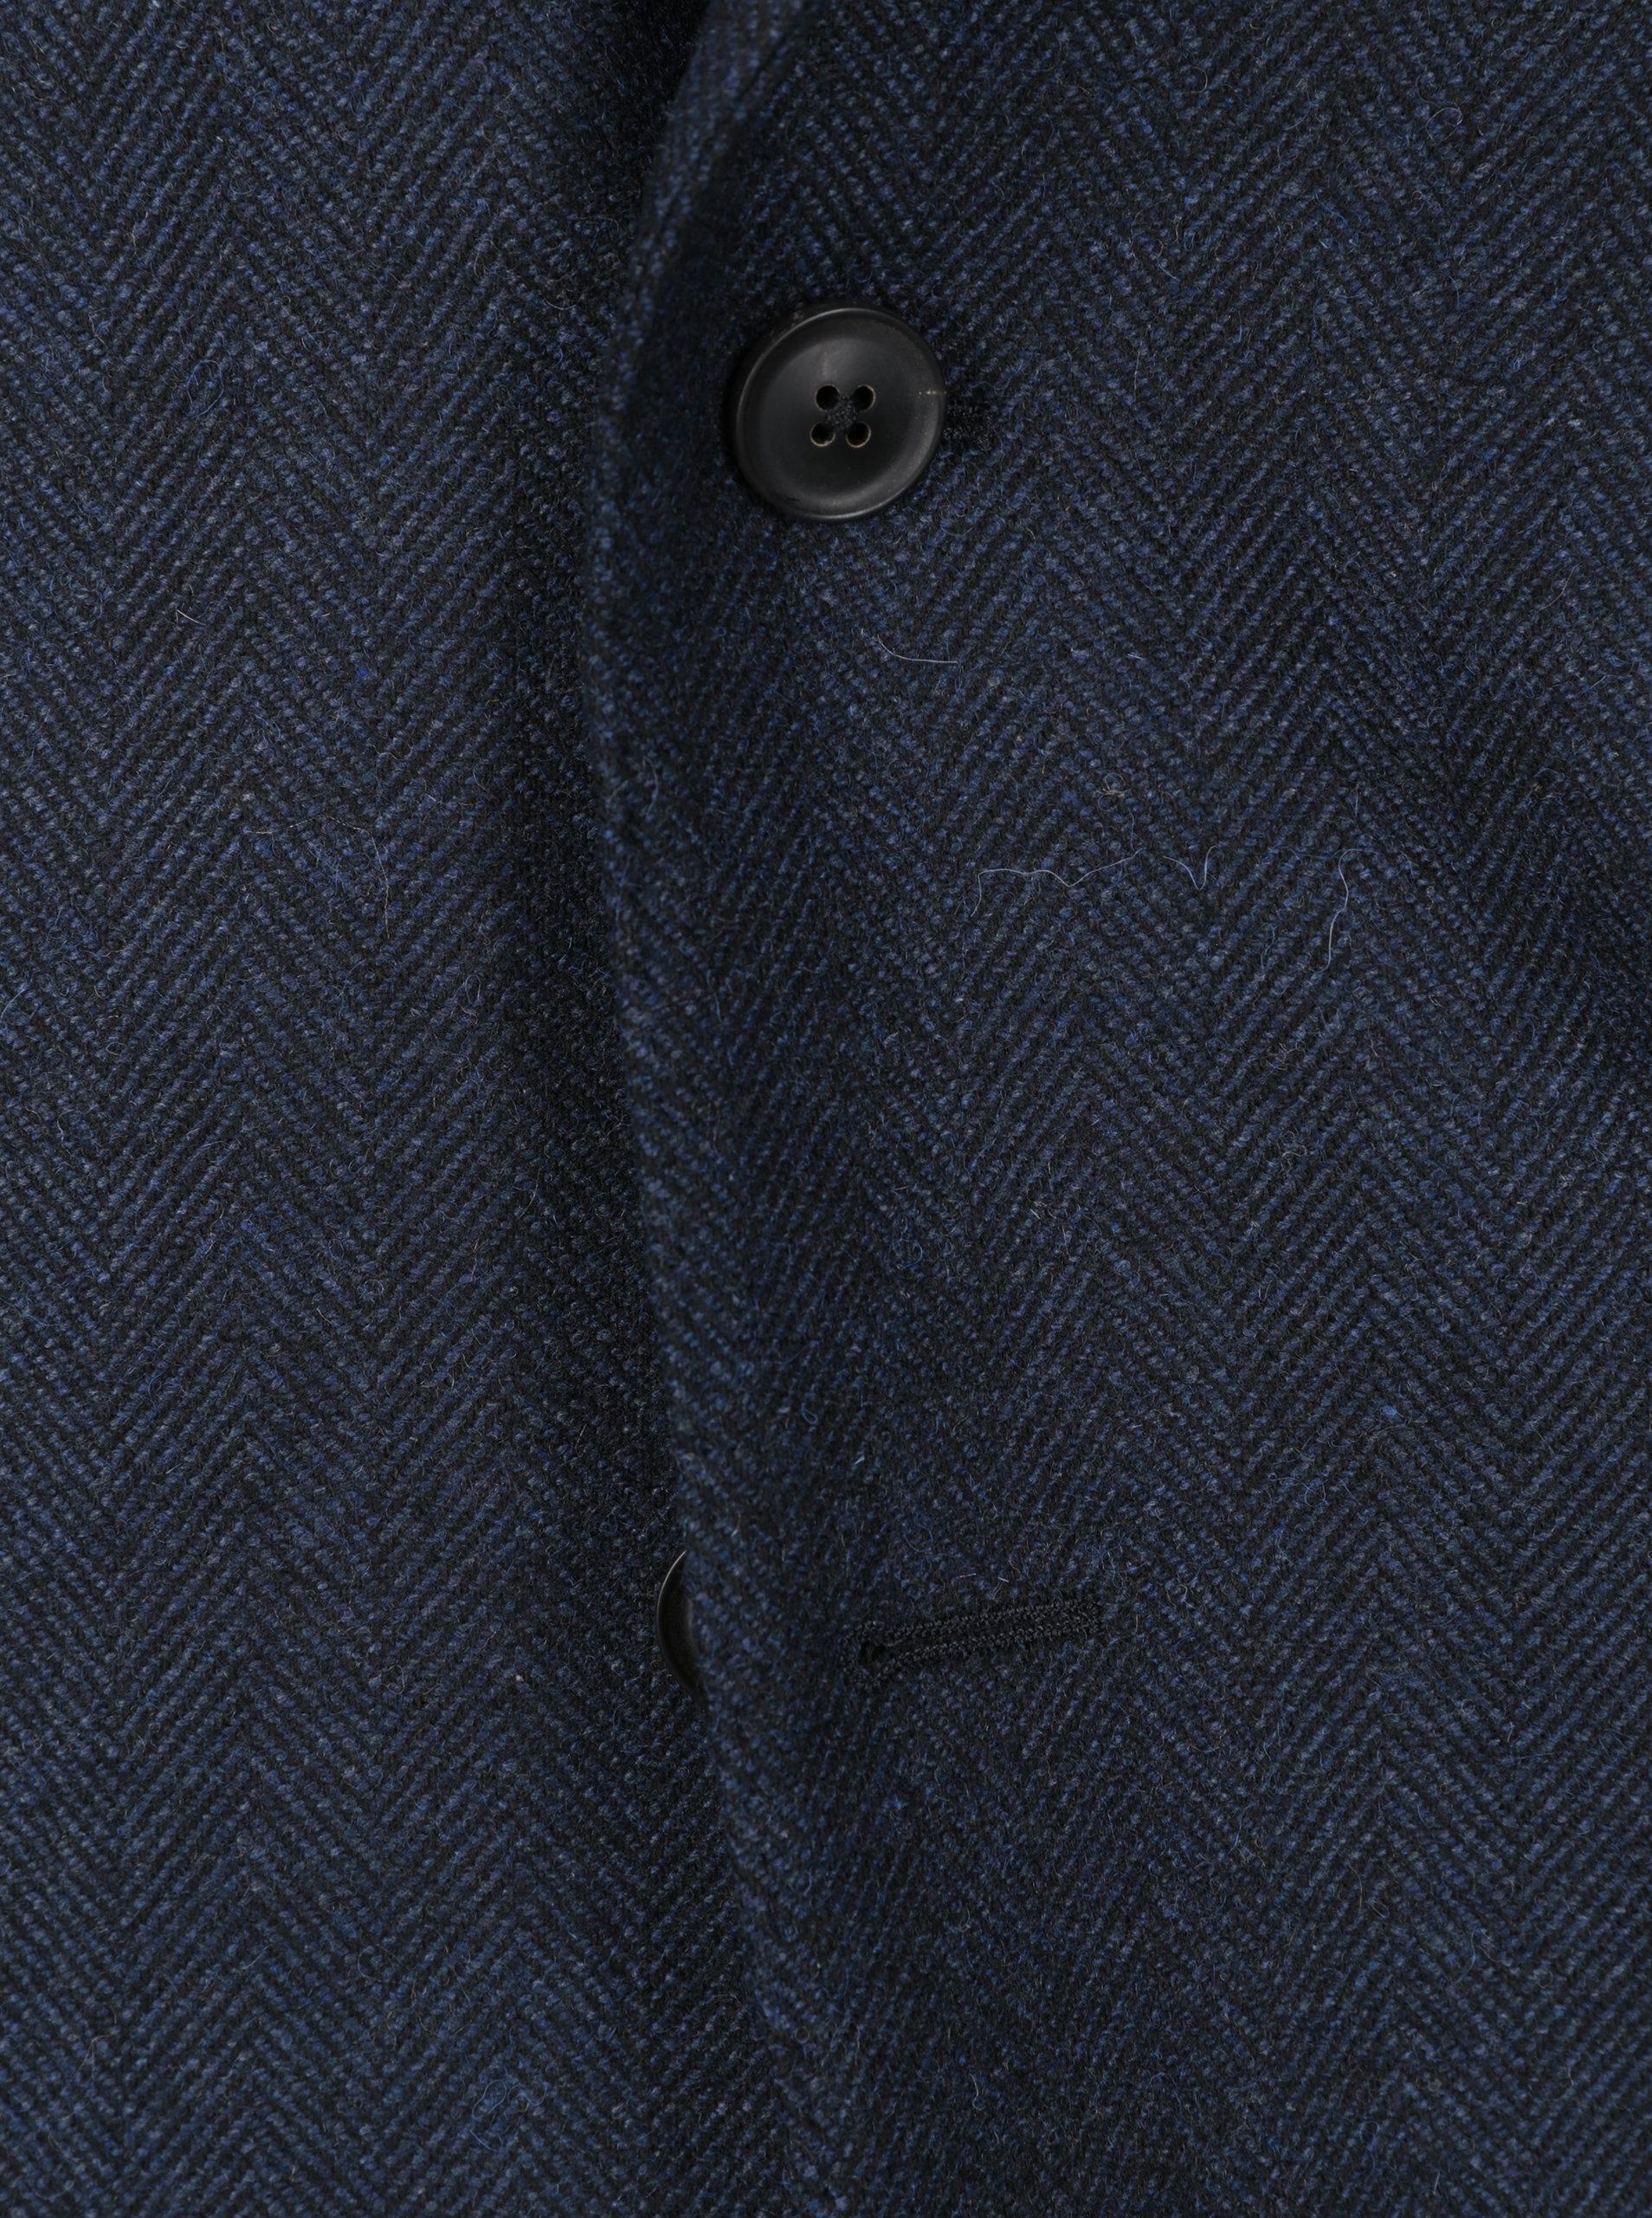 de9d2e6fcce0 Tmavě modré pánské vlněné sako GANT ...